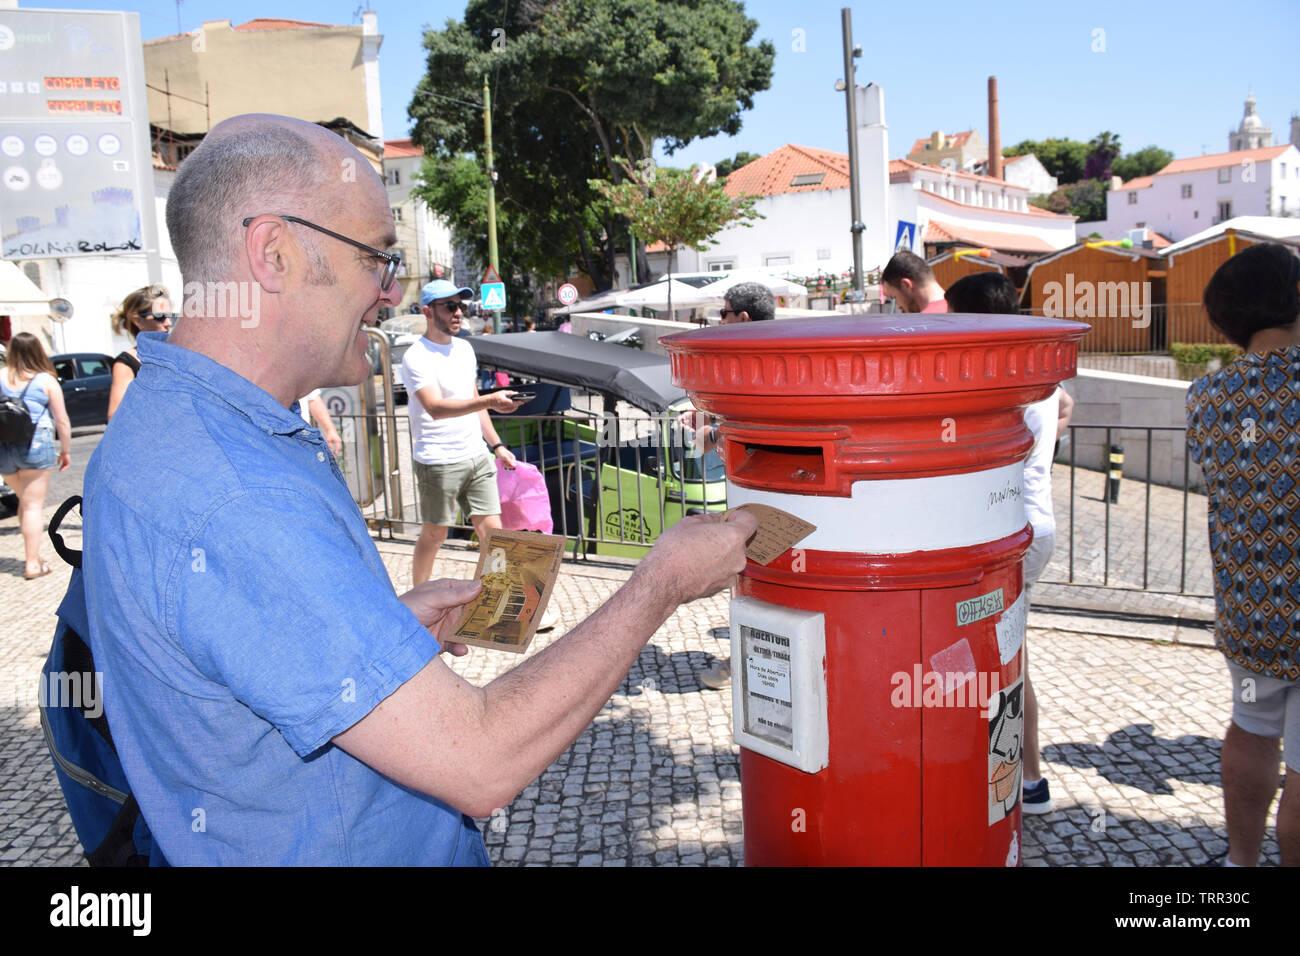 Tourist posting postcards, Largo das Portas do Sol, Lisbon, Portugal, June 2019 - Stock Image